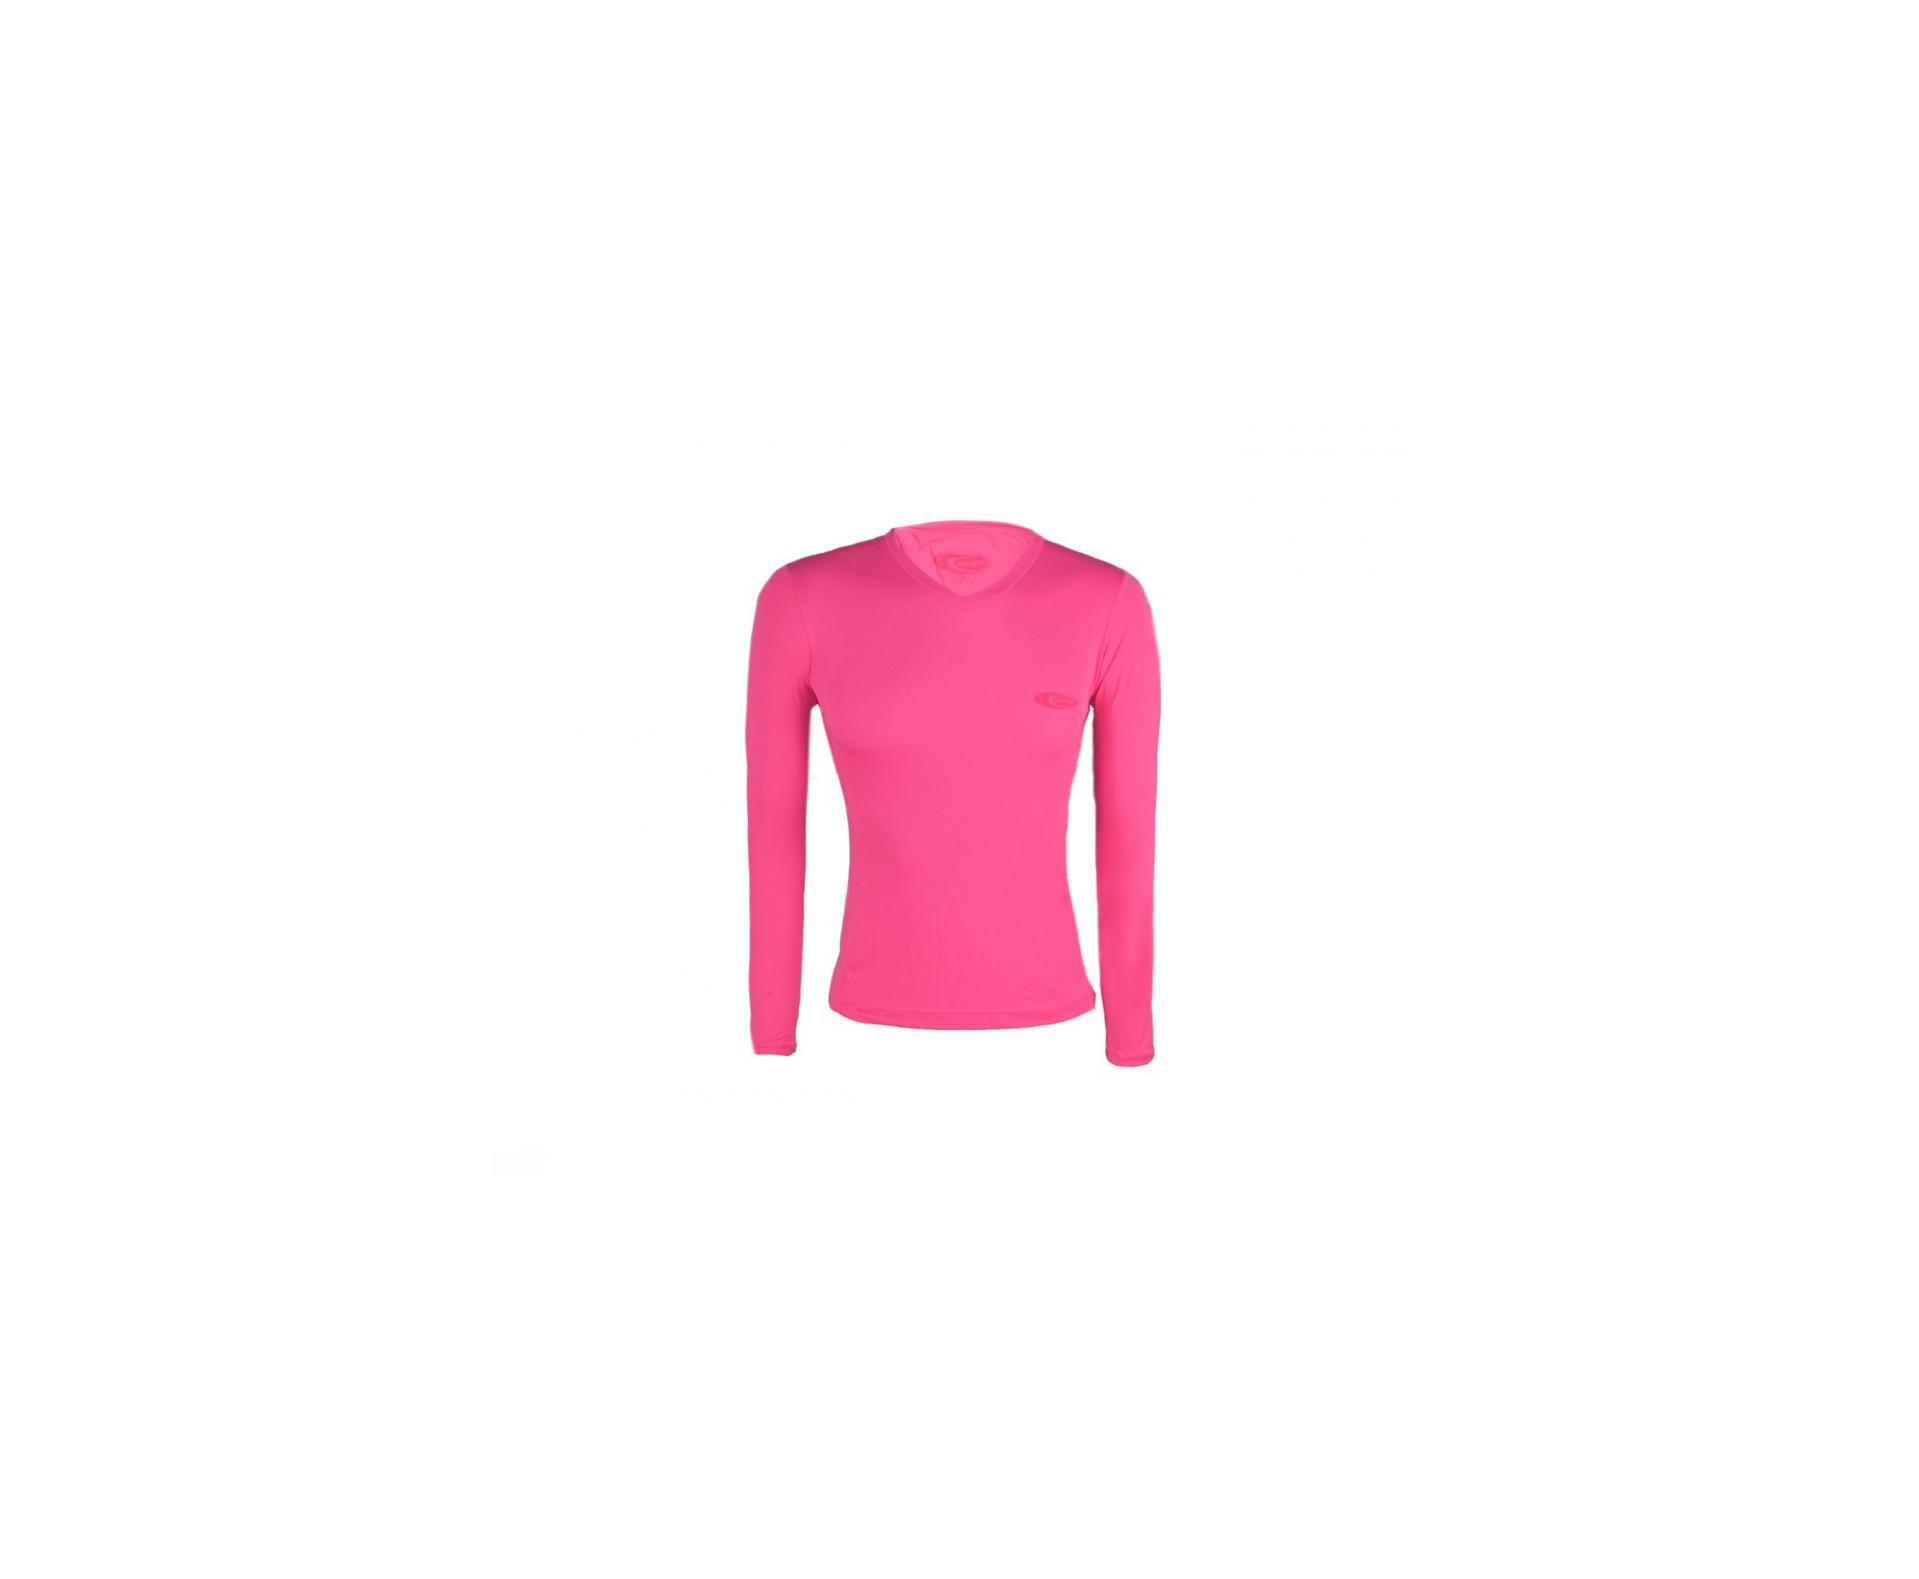 Camiseta Softline Feminina Rosa - Proteção Uva/uvb 50+ Fps - Cardume